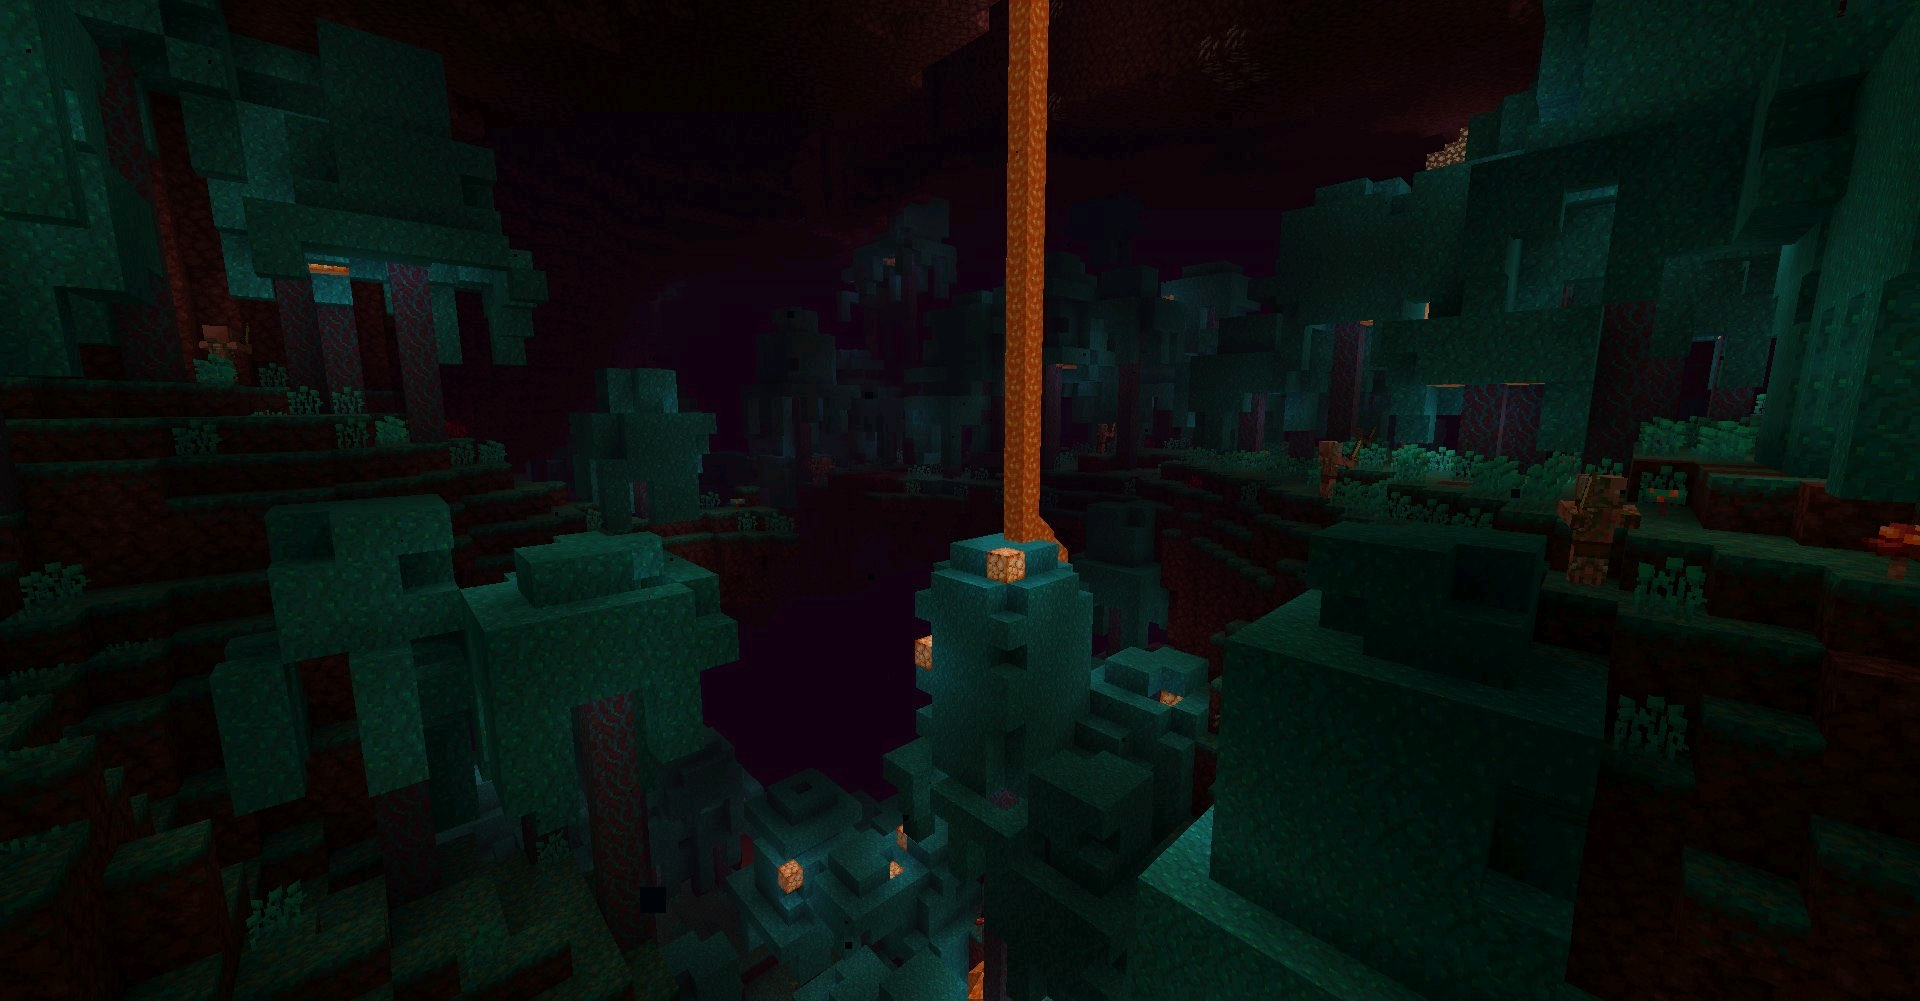 minecraft最近更新1.16图片